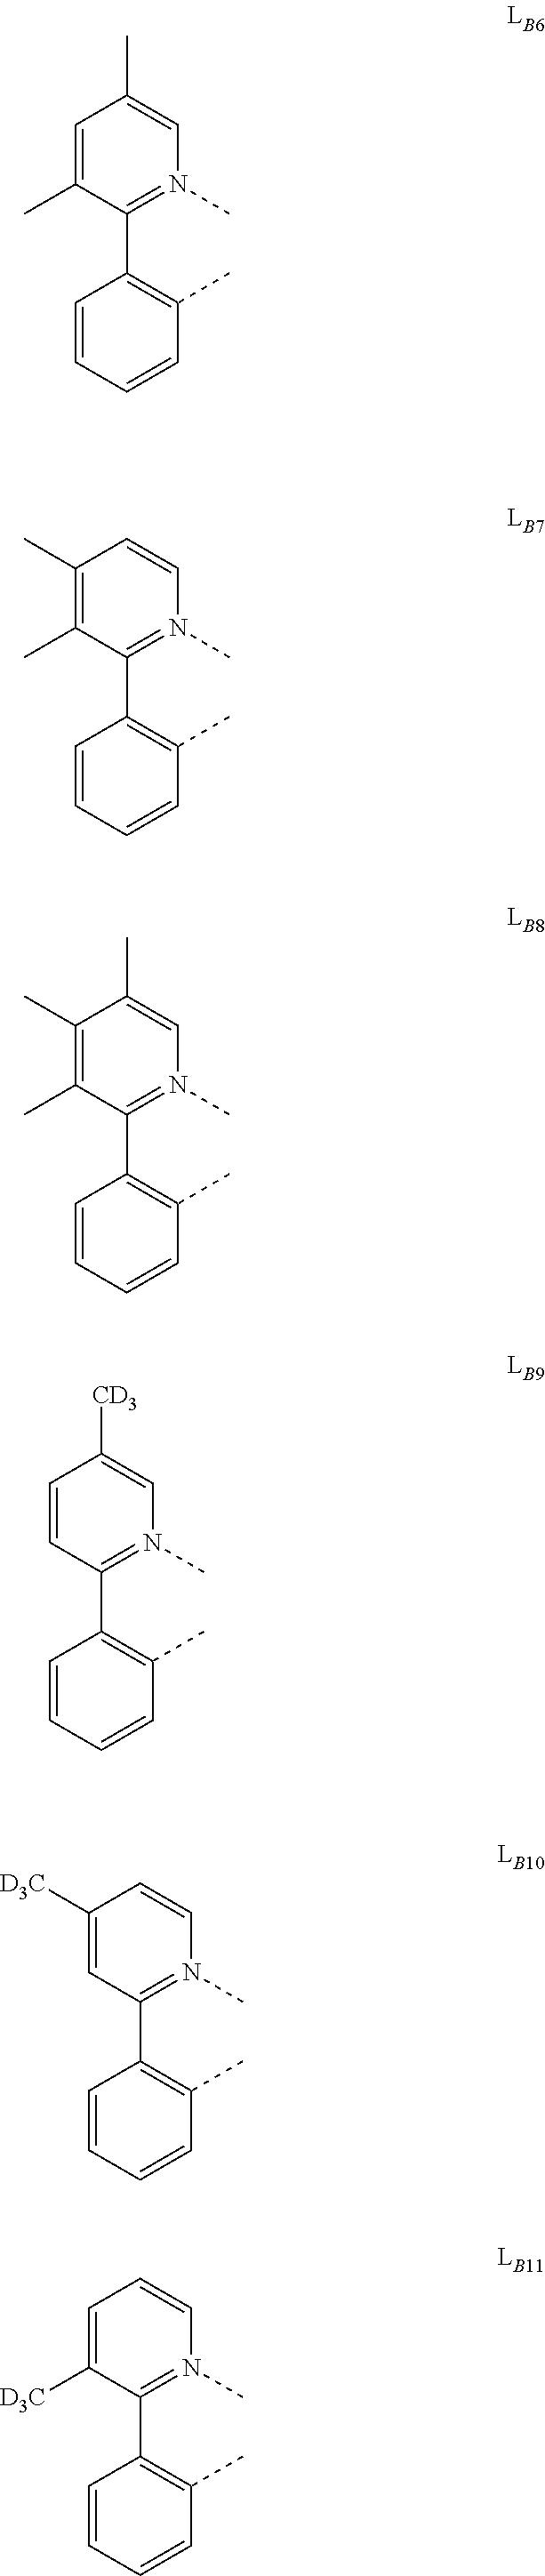 Figure US09929360-20180327-C00038